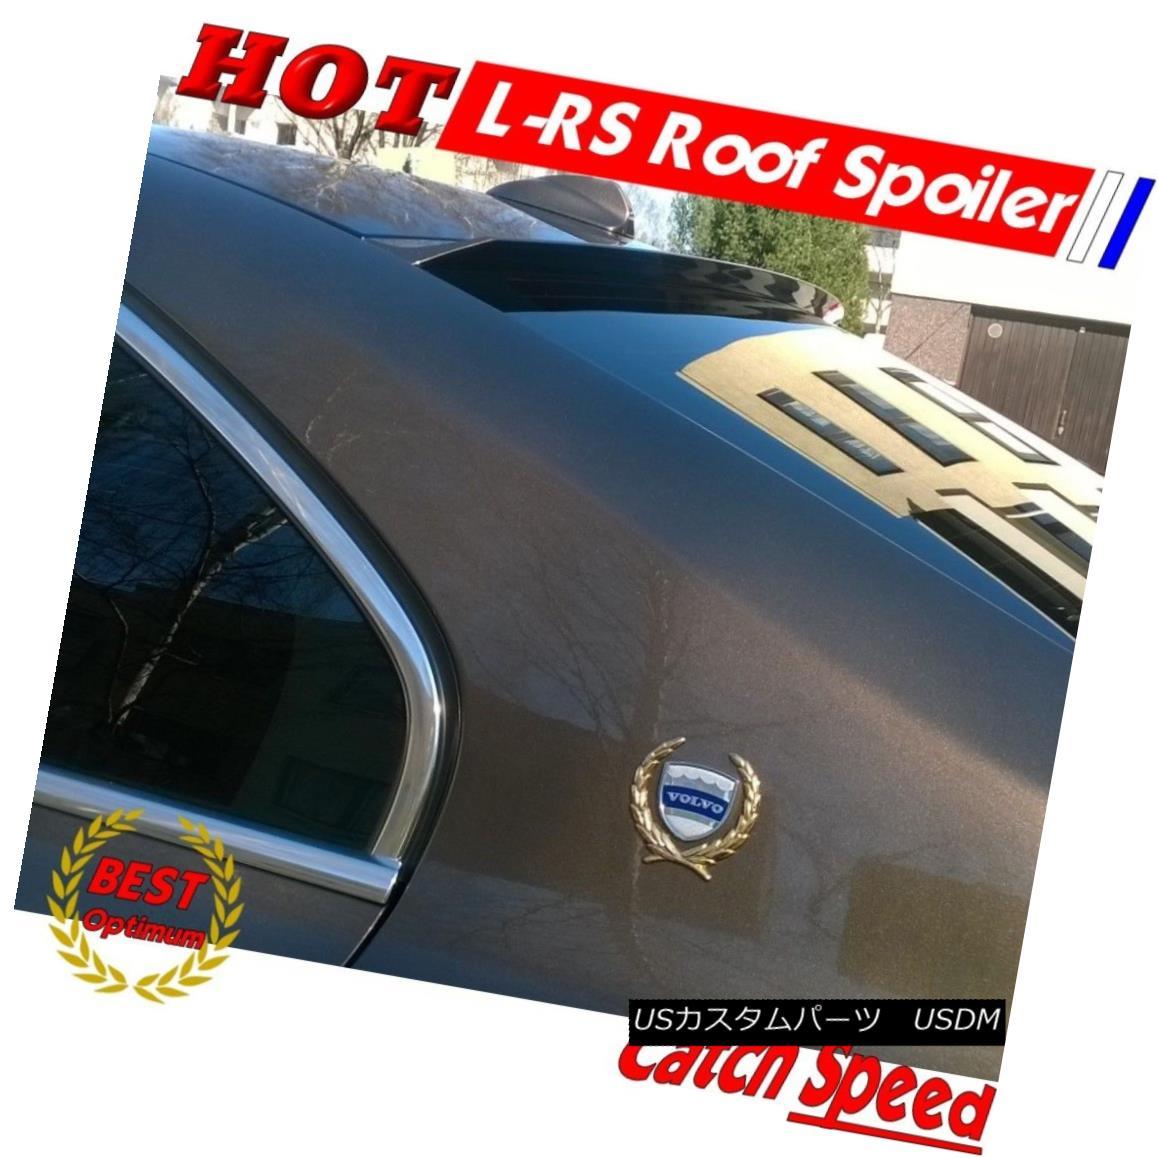 エアロパーツ Painted LRS Type Rear Roof Spoiler For Toyota Prius 3th XW30 2010-2011 Sedan ? 塗装されたLRS型リアルーフスポイラートヨタプリウス3th XW30 2010-2011セダン?